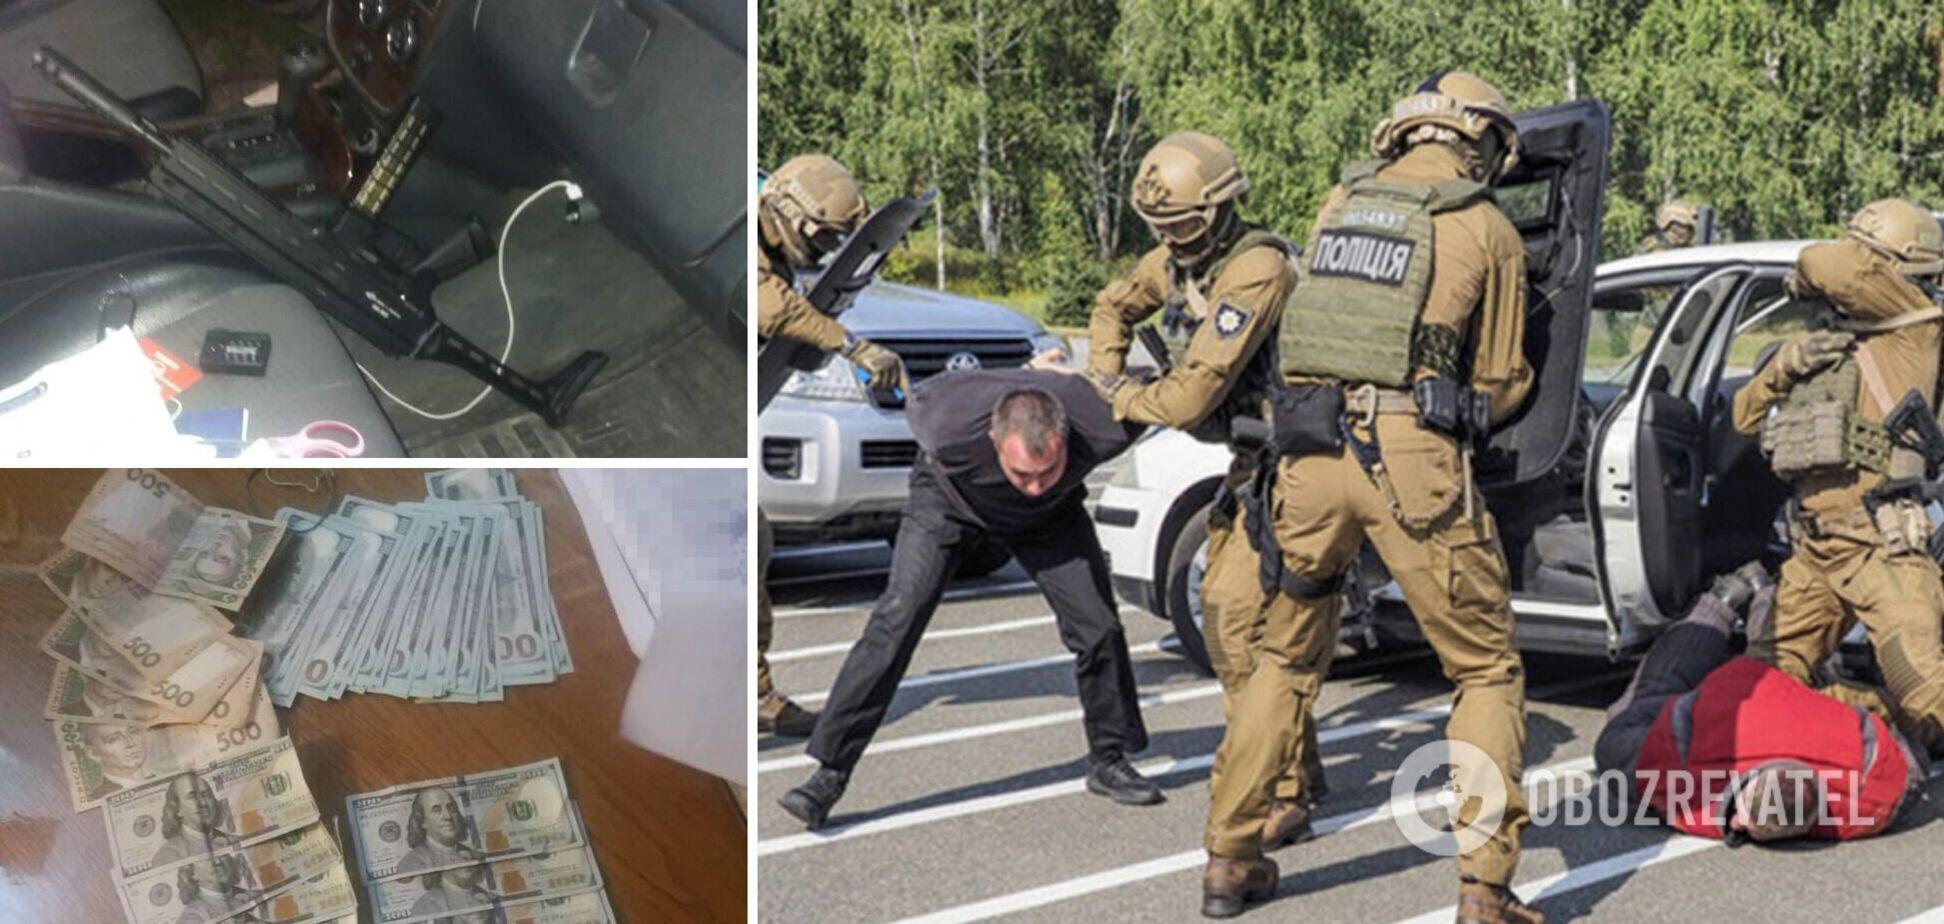 На Закарпатті затримали кримінального авторитета і його спільника: погрожували чоловікові і вимагали 120 тис. доларів. Фото